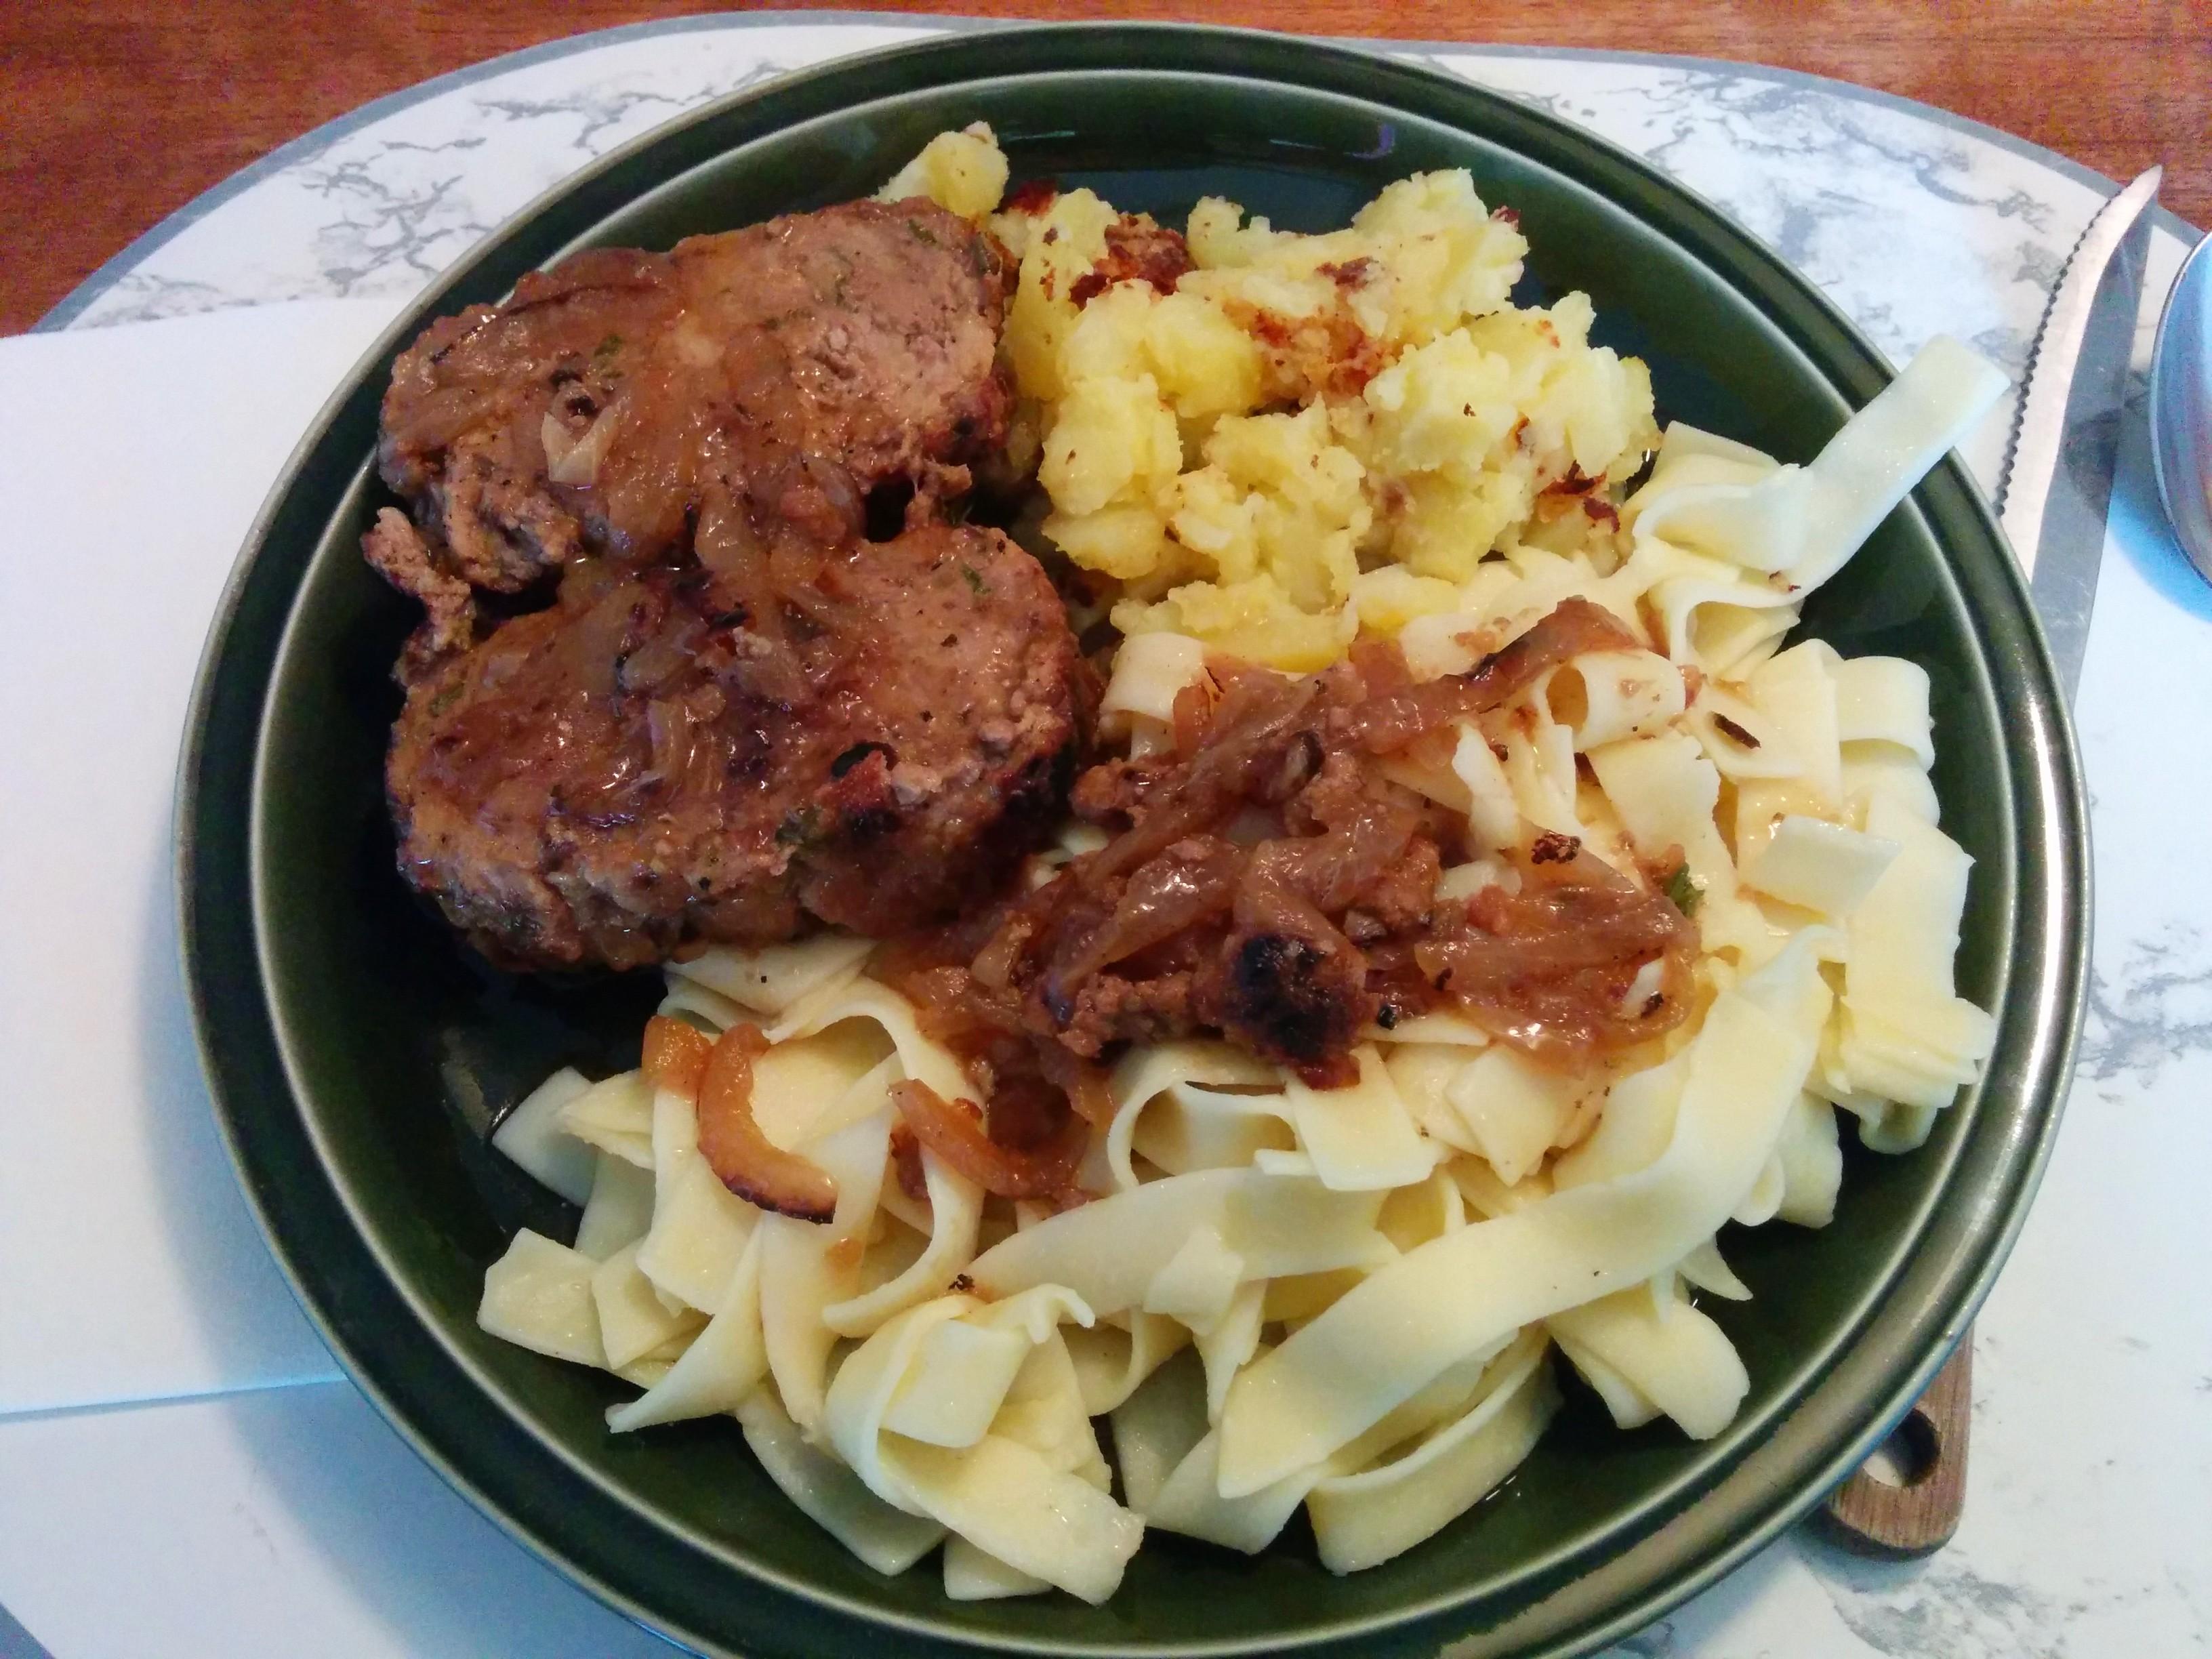 https://foodloader.net/nico_2014-05-21_hackbraten-mit-nudeln-und-bratkartoffeln.jpg